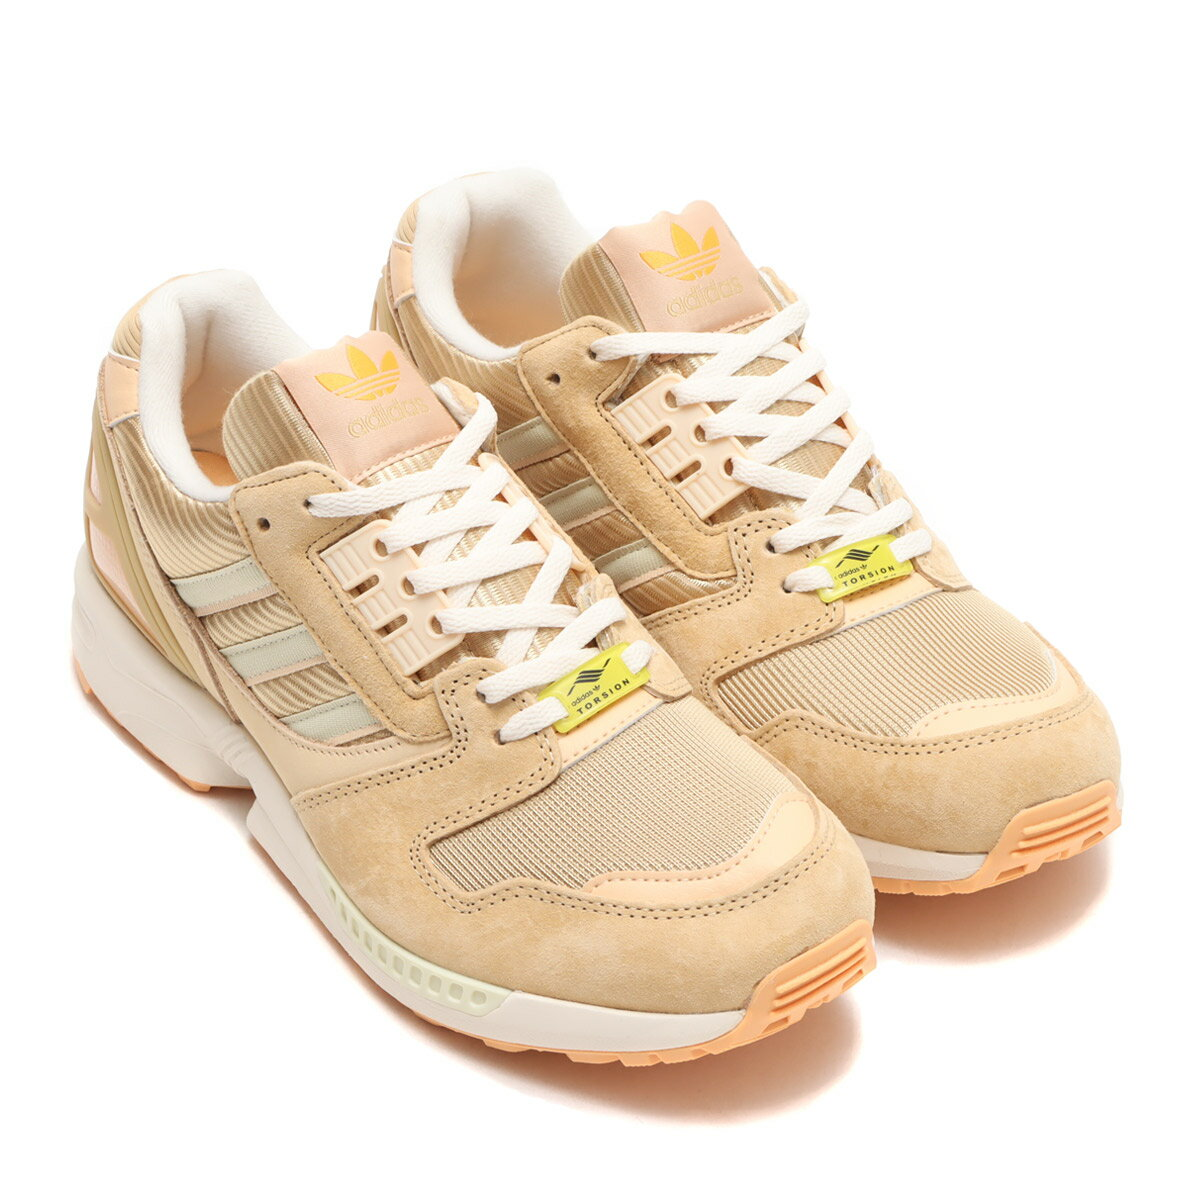 メンズ靴, スニーカー adidas ZX 8000( 8000)HAZY BEIGESANDHELLOW UMBER 21FW-I